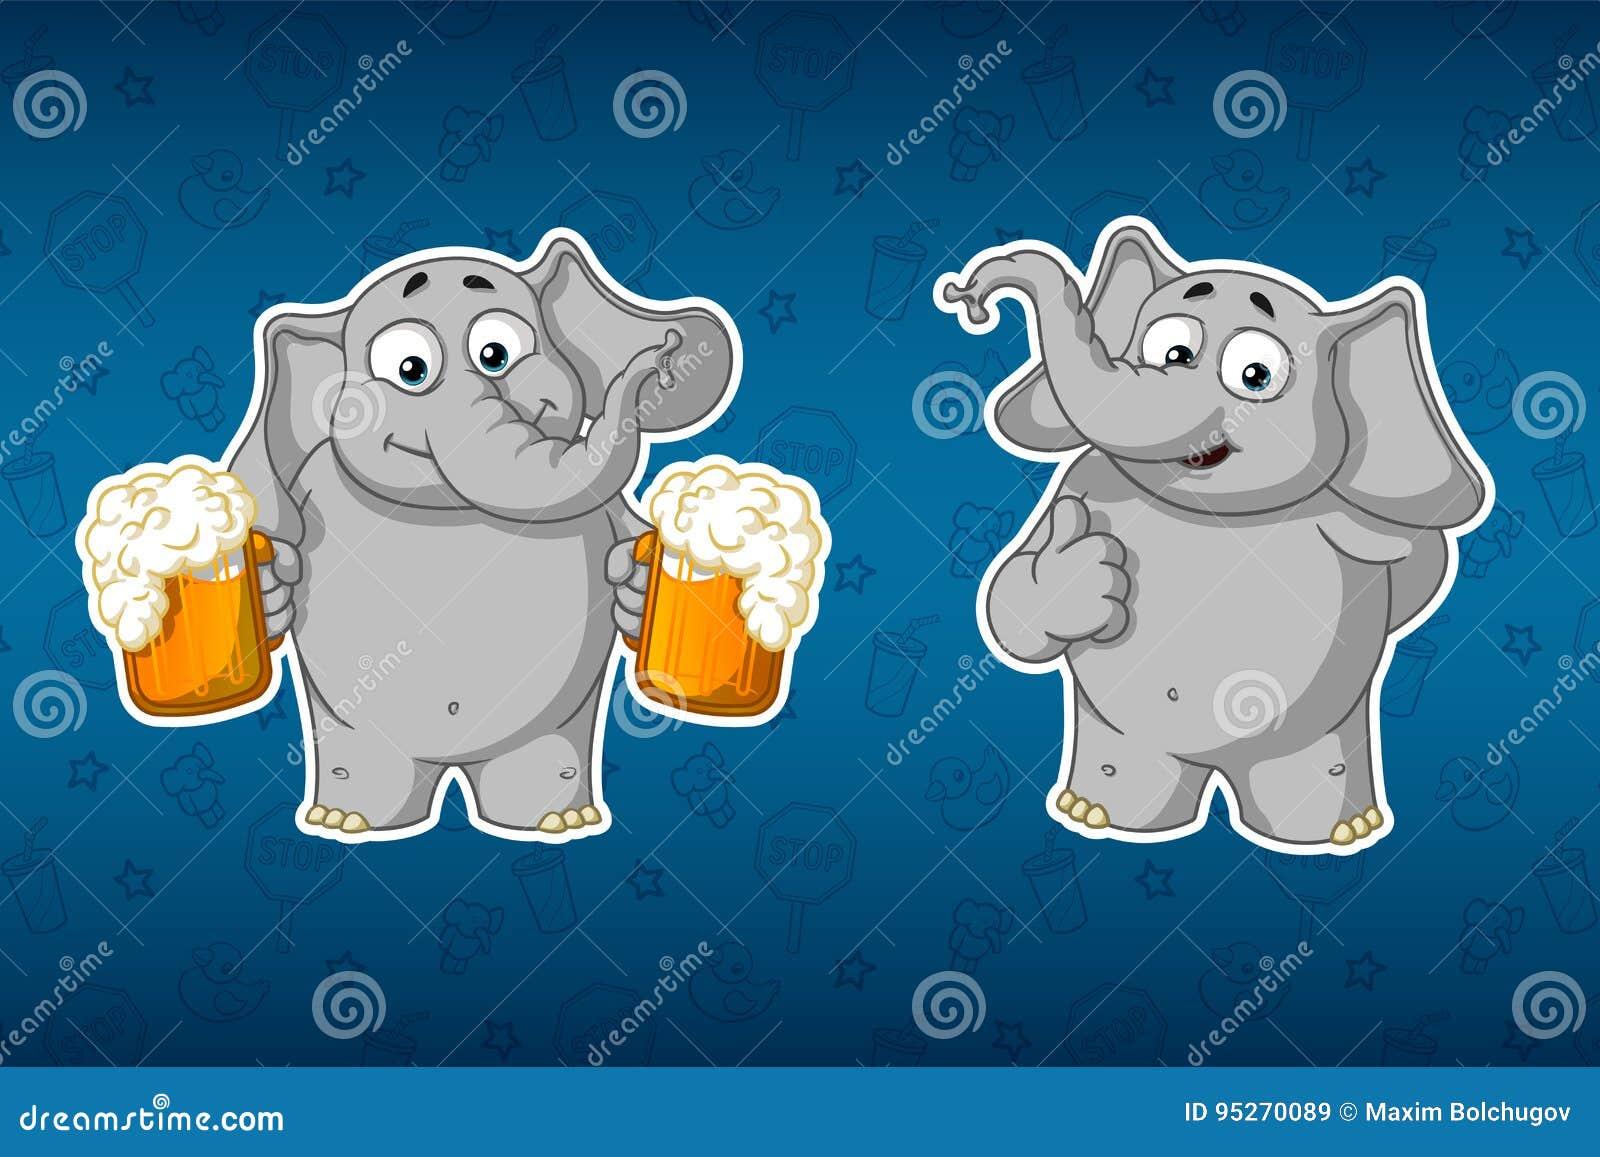 Elefantes de las etiquetas engomadas Él sostiene las tazas de cerveza y ofrece a la bebida Él aumentó su finger para arriba, como